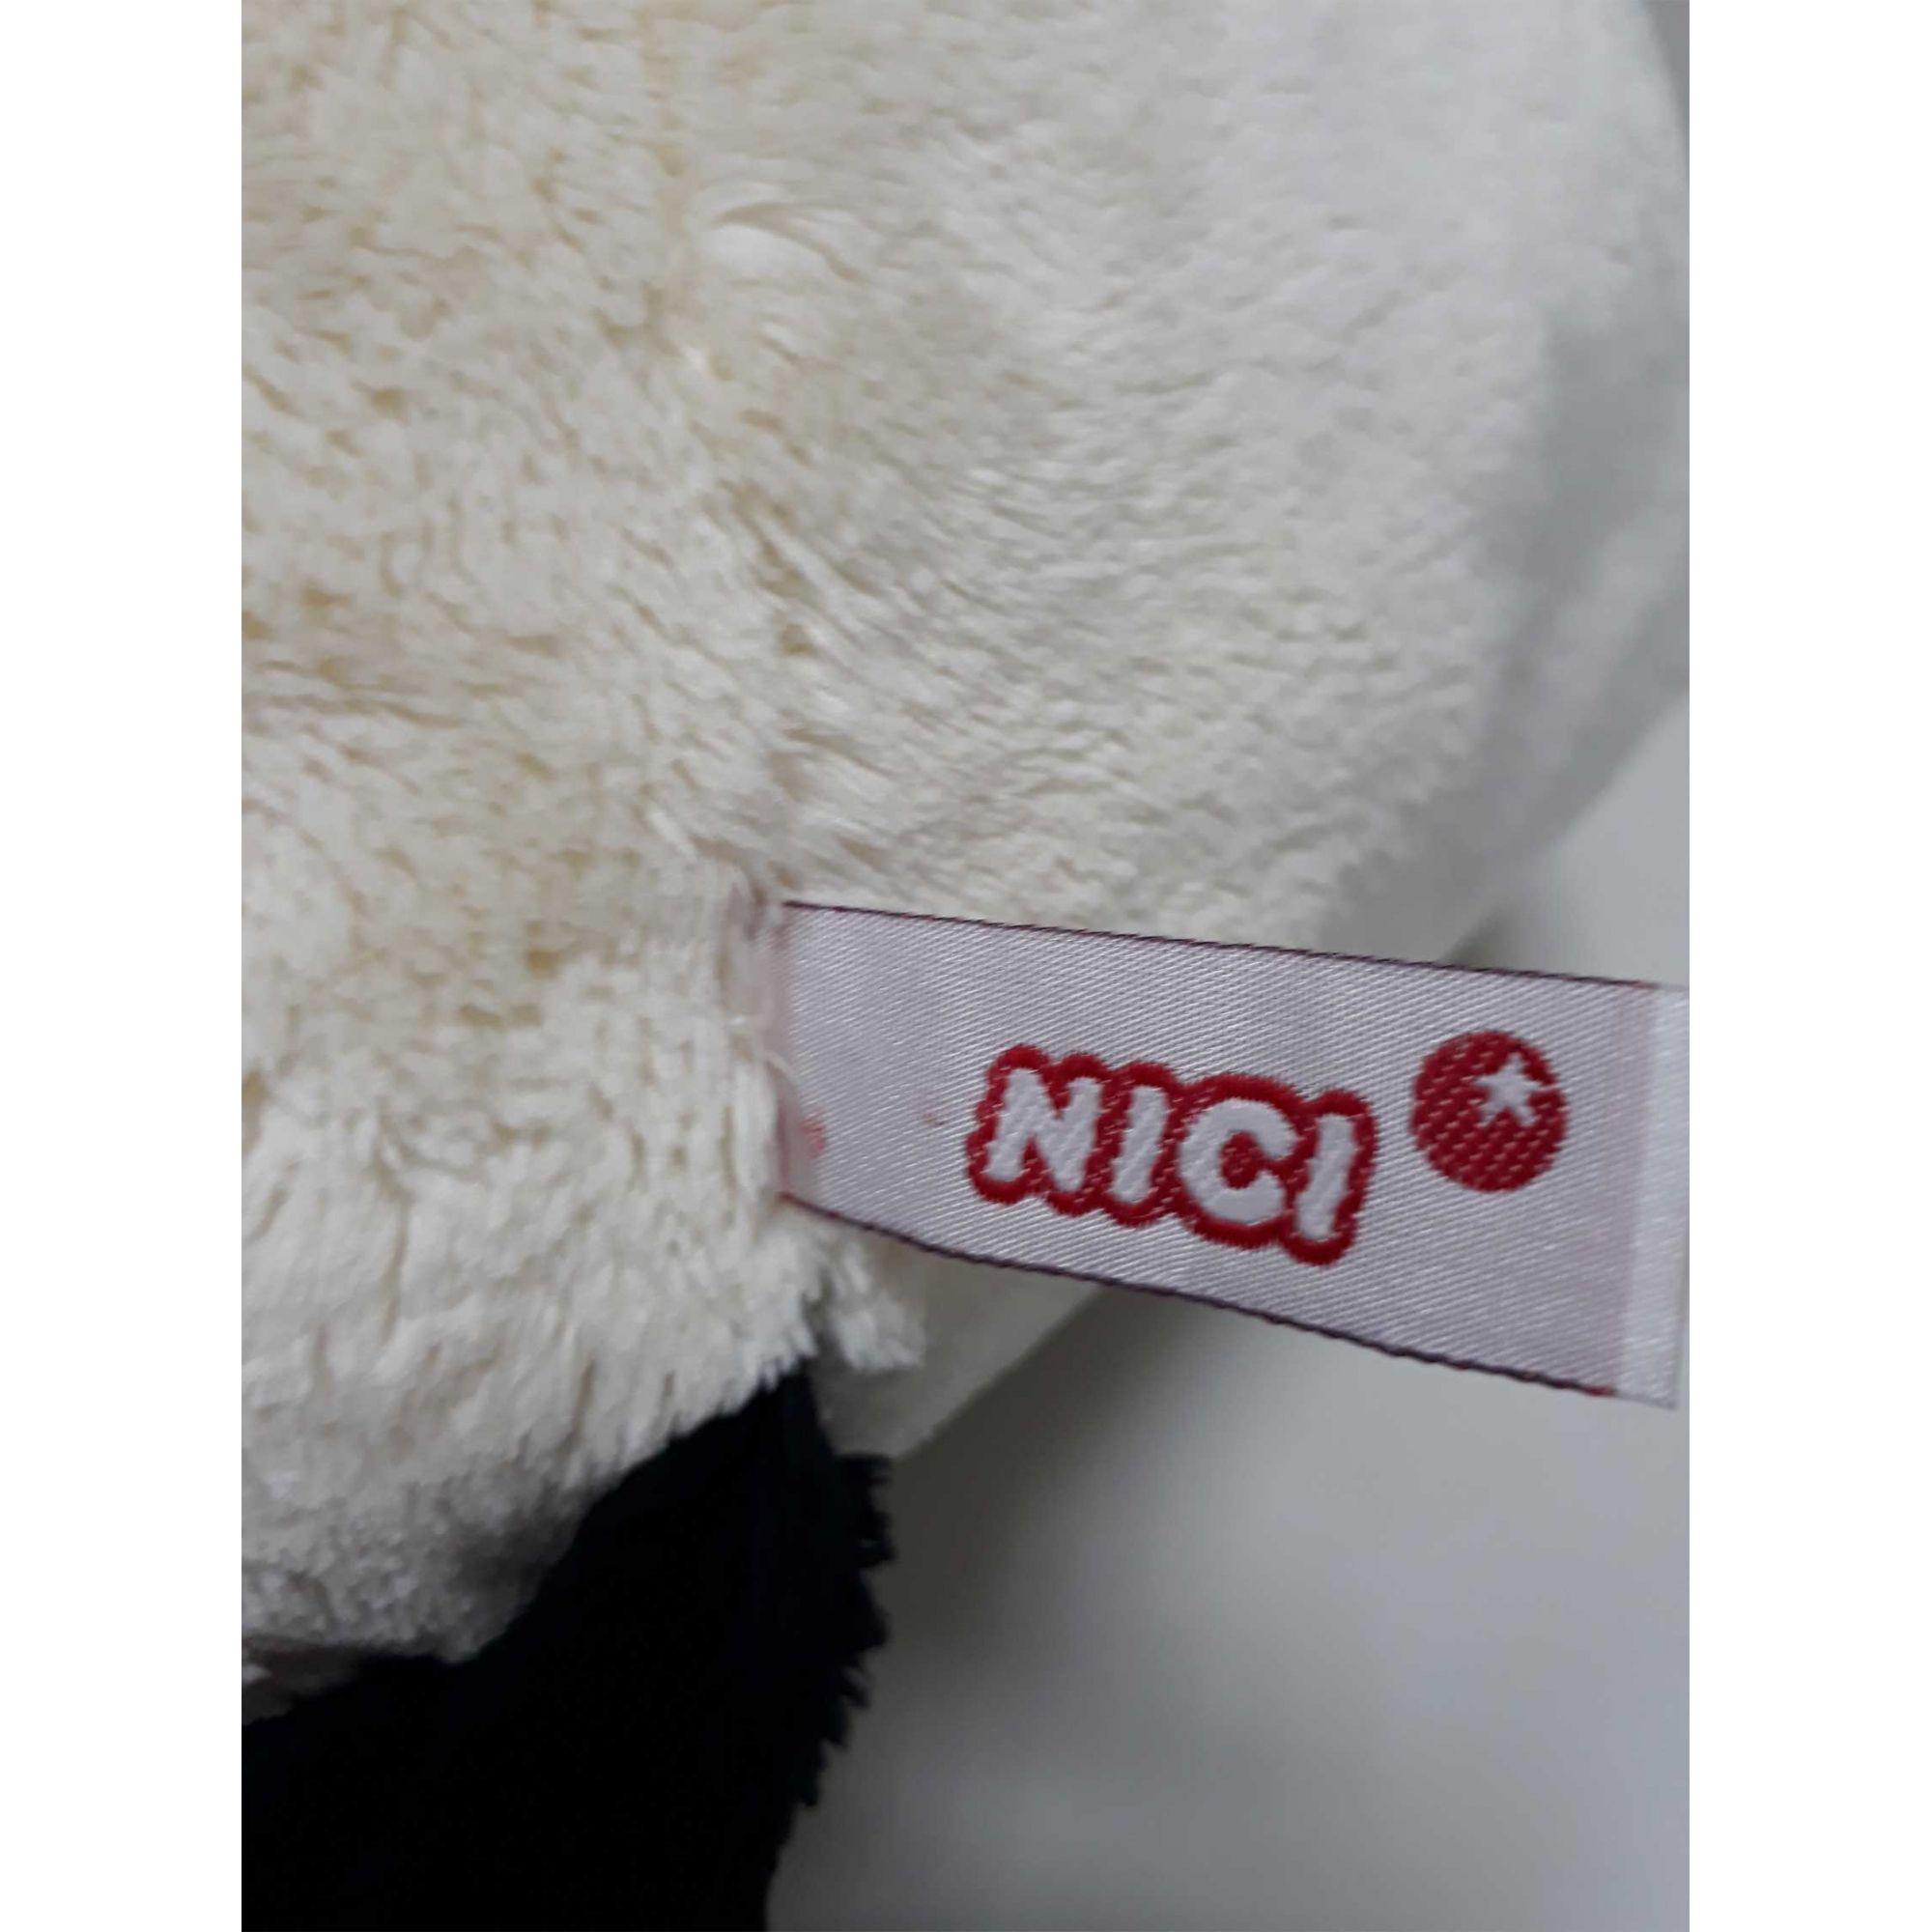 Urso de Pelúcia Panda Nici 35cm - Ursinho médio para decoração presente namorada aniversário natal amigo secreto dia das mães festa eventos artesanato enfeite